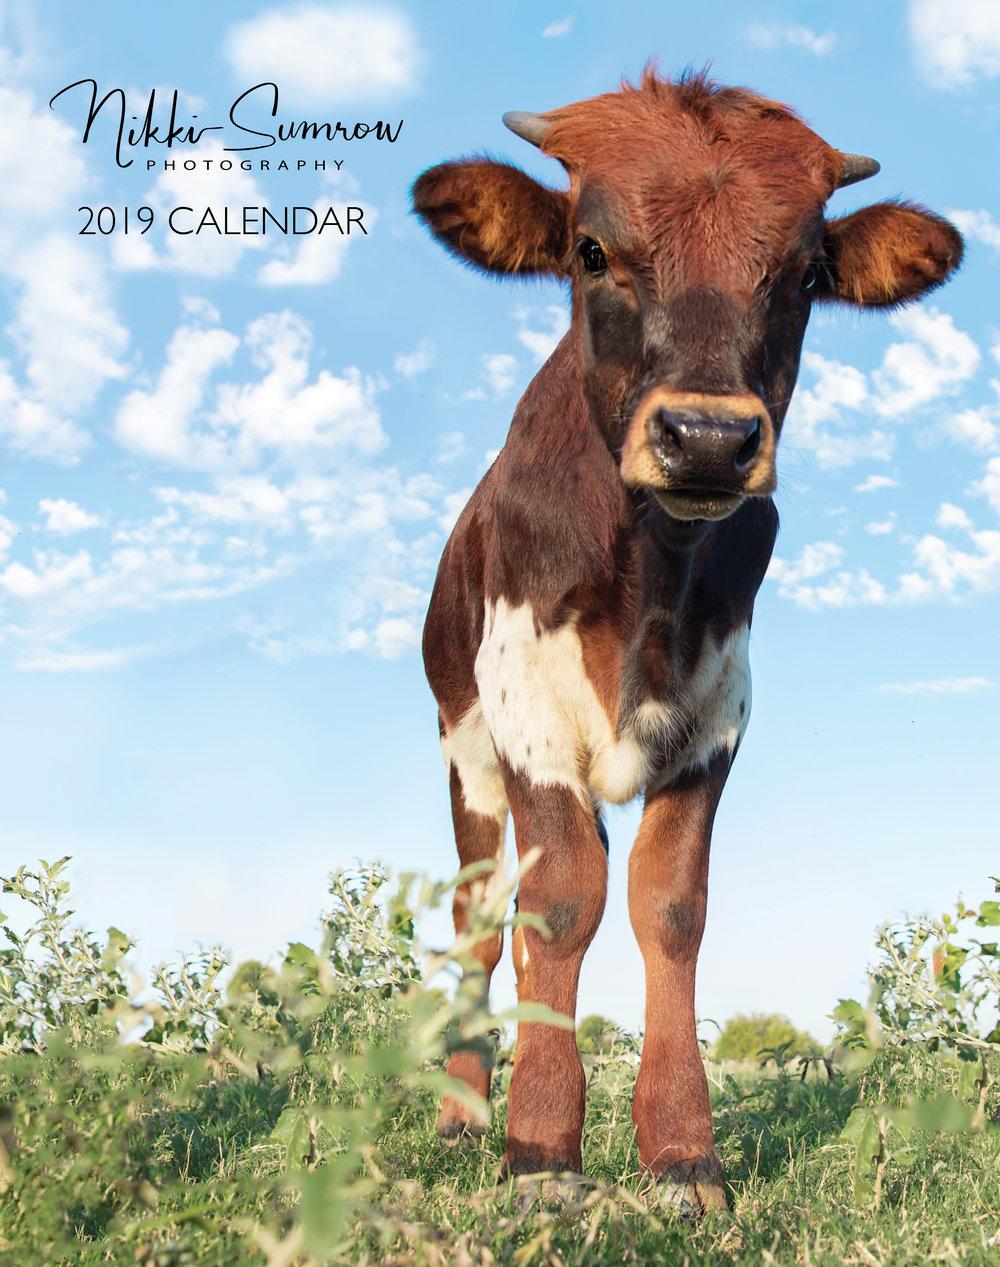 2019 Cattle Calendar